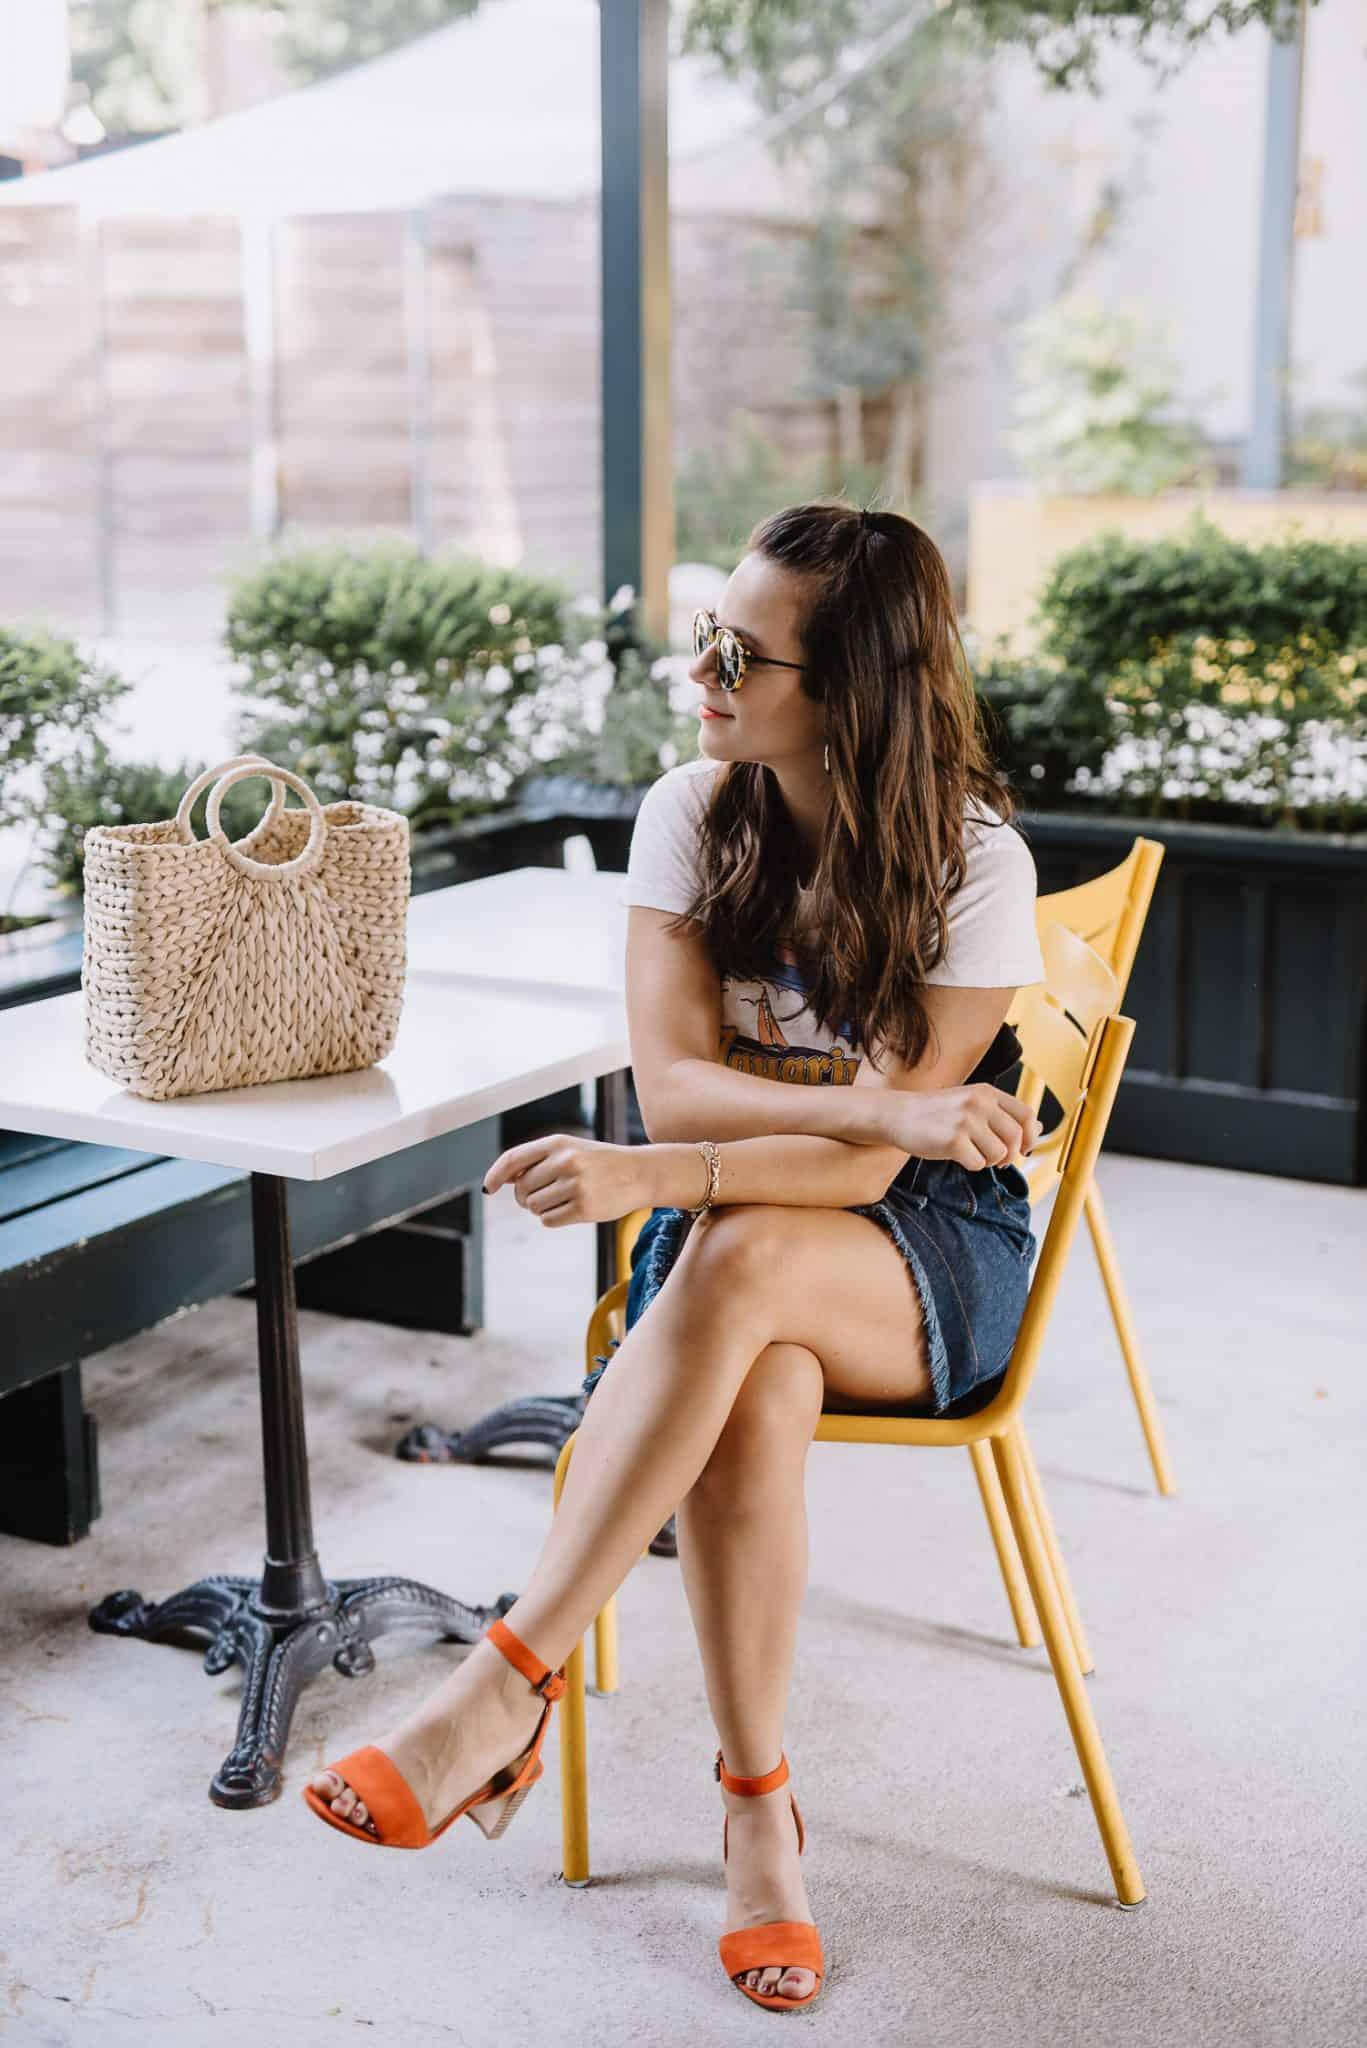 madewell x karen walker denim skirt, wrap denim skirt, casual summer outfit - My Style Vita